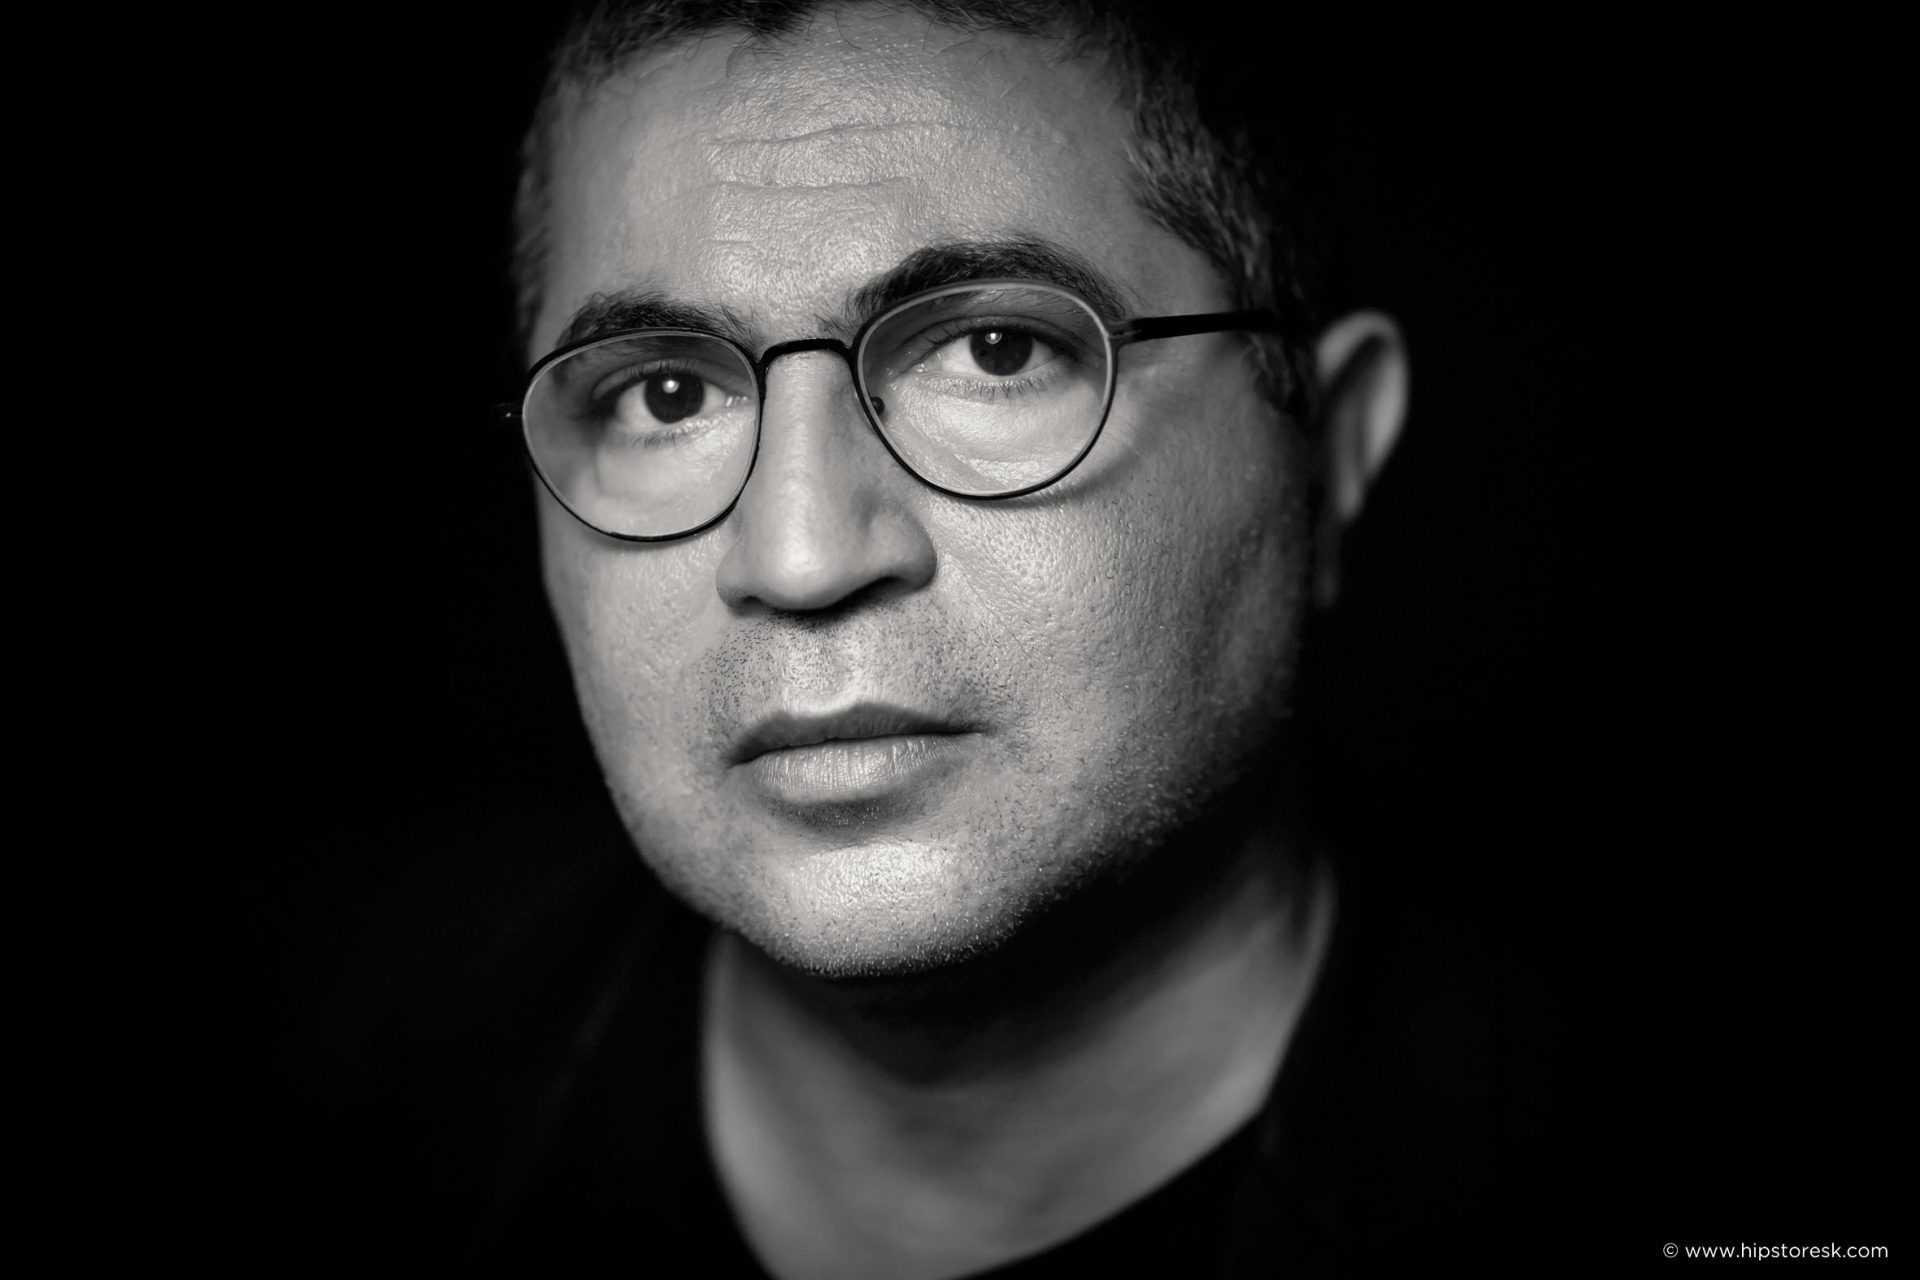 MAHIB BINEBINE et la 6e édition de la Marrakech Biennale Par Anastasia Chelini